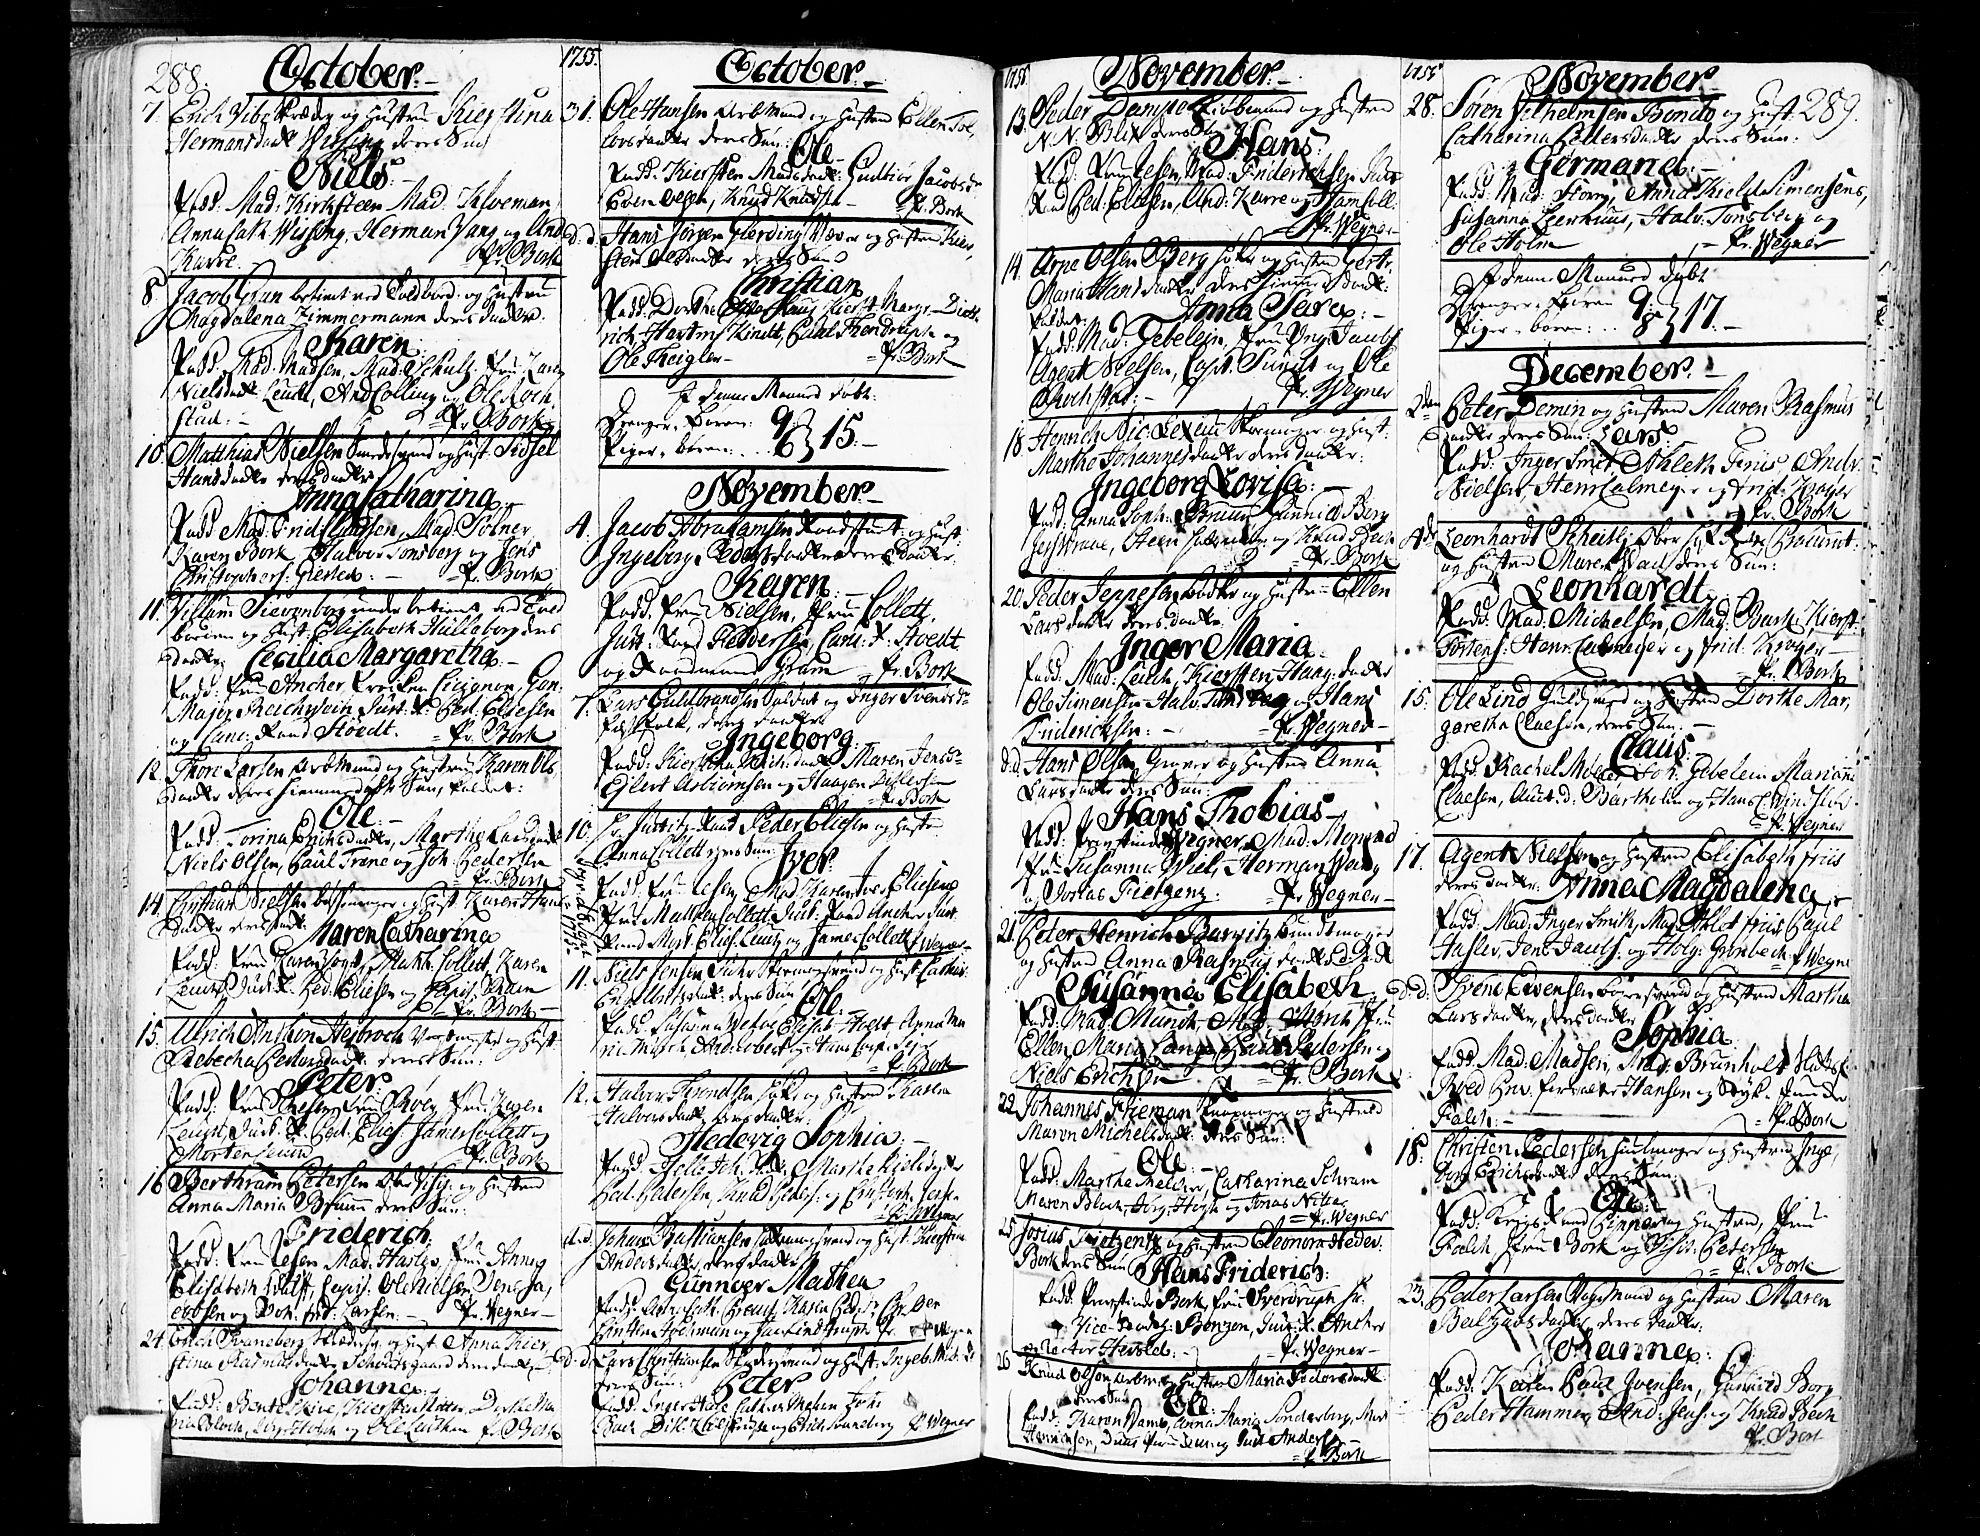 SAO, Oslo domkirke Kirkebøker, F/Fa/L0004: Ministerialbok nr. 4, 1743-1786, s. 288-289